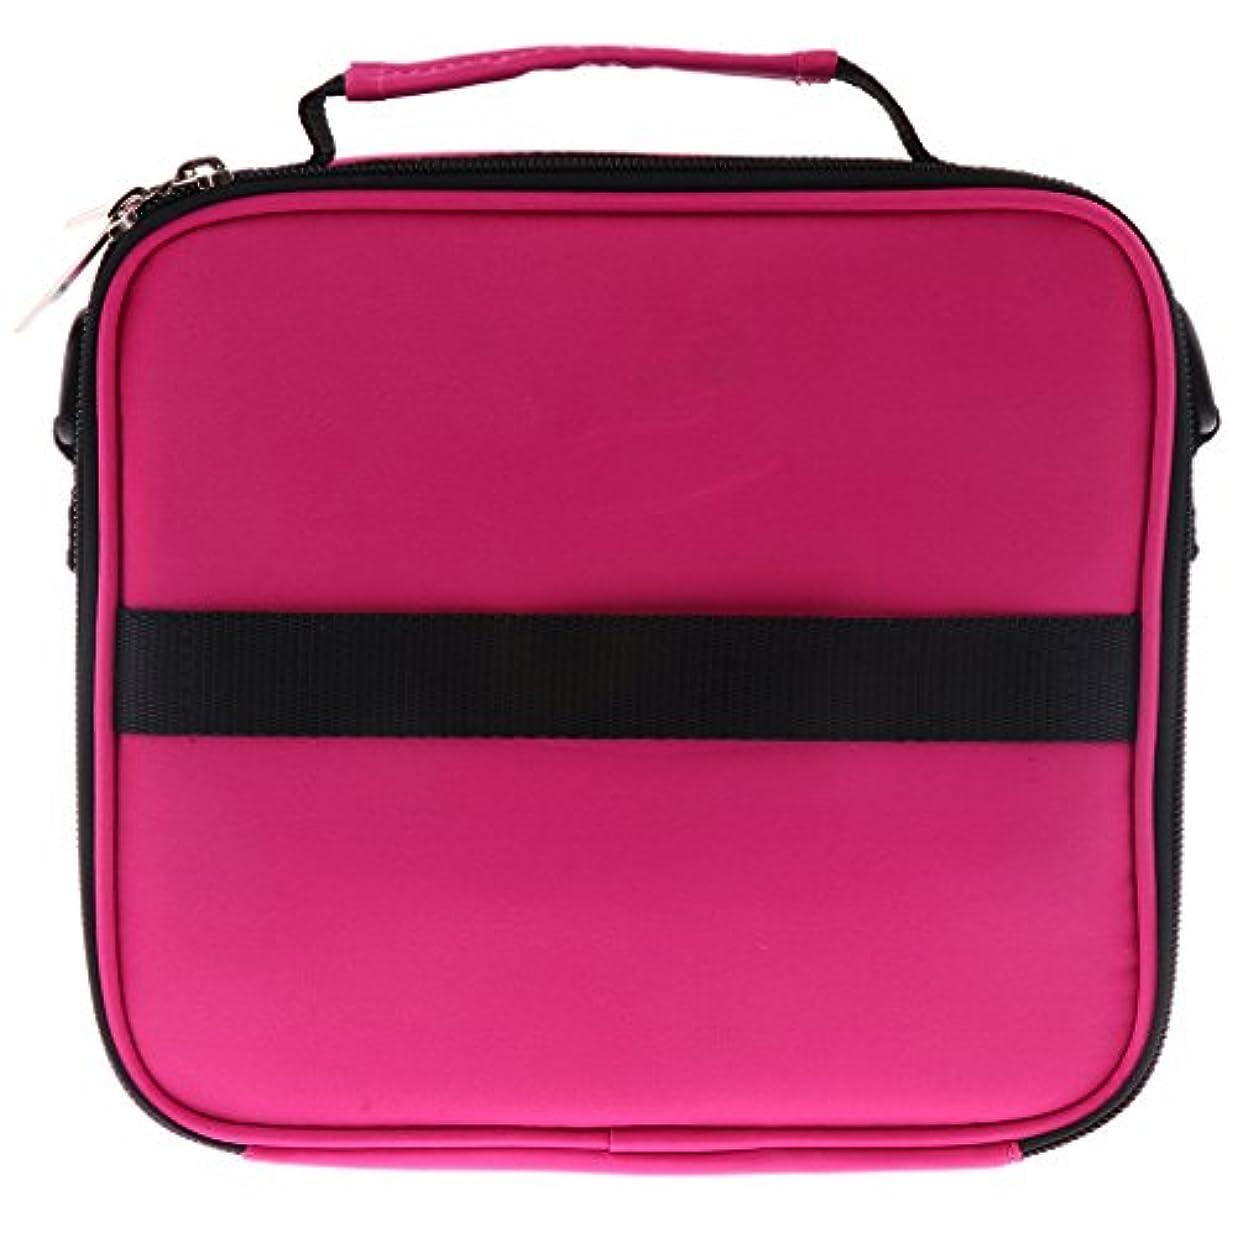 プレゼンアラート最も遠いHellery 全6色 アロマポーチ エッセンシャルオイル ケース 香水収納バッグ アロマケース 携帯用 30本用 - ローズレッド